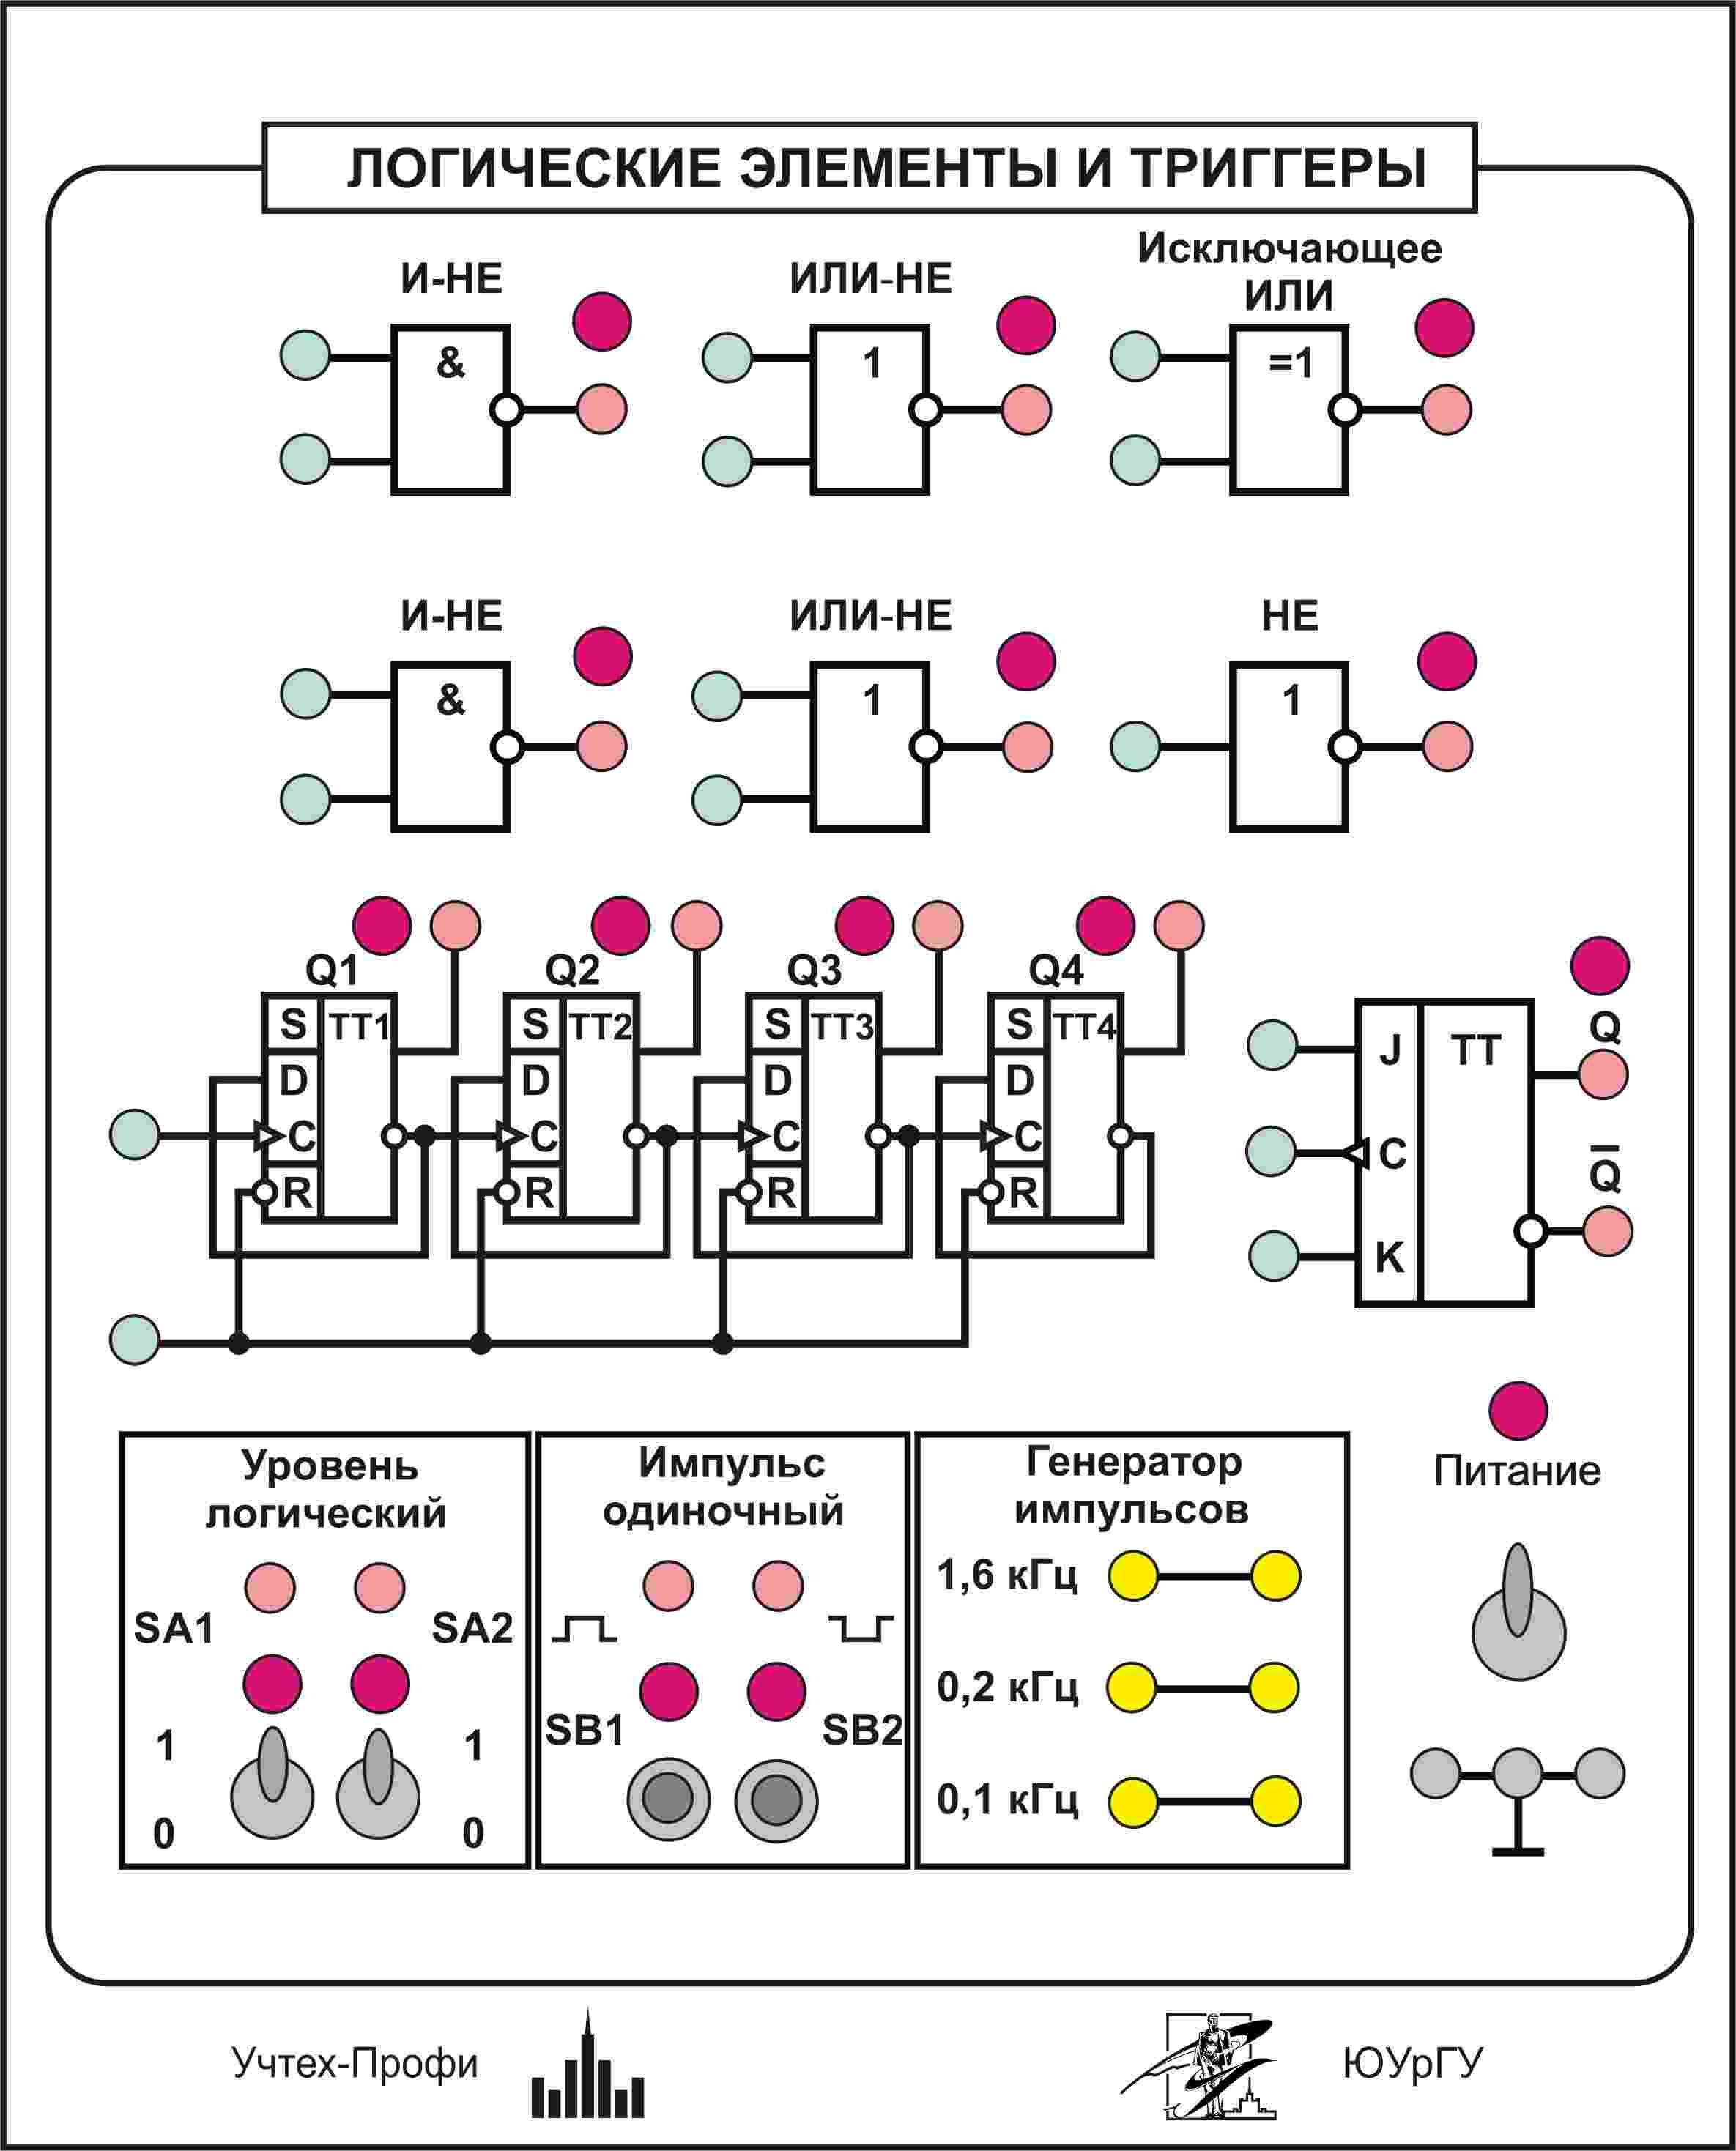 Построить схему логической функции или на элементе или-не